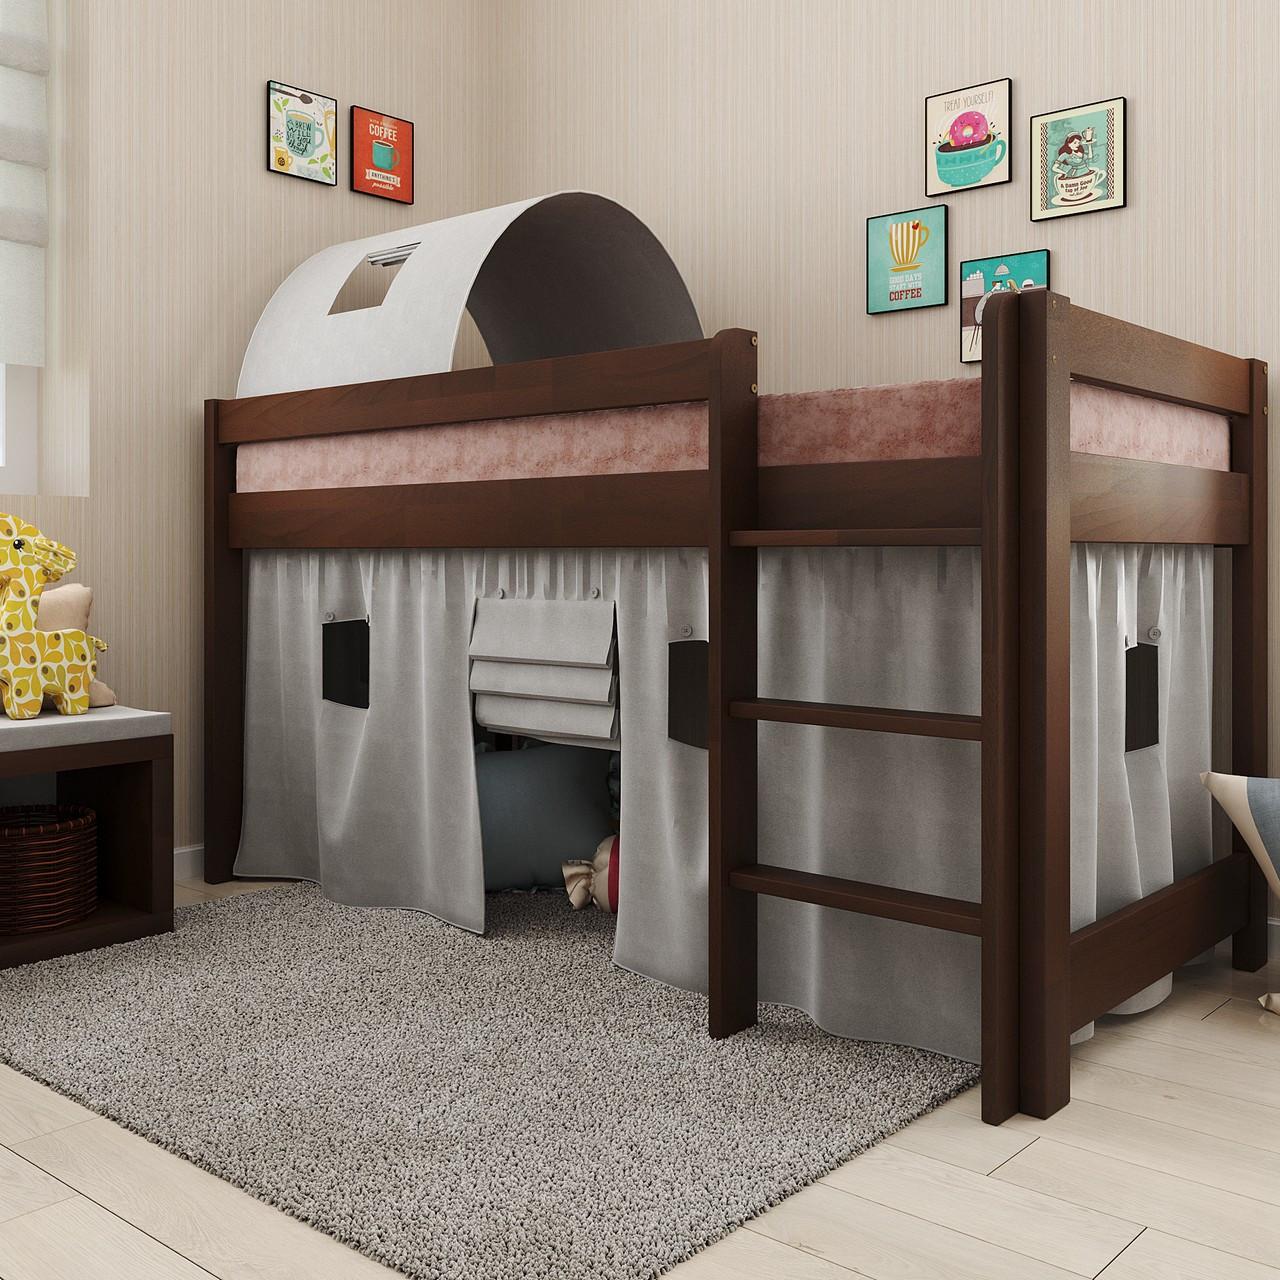 Ліжко дитяче дерев'яне Адель зі шторками